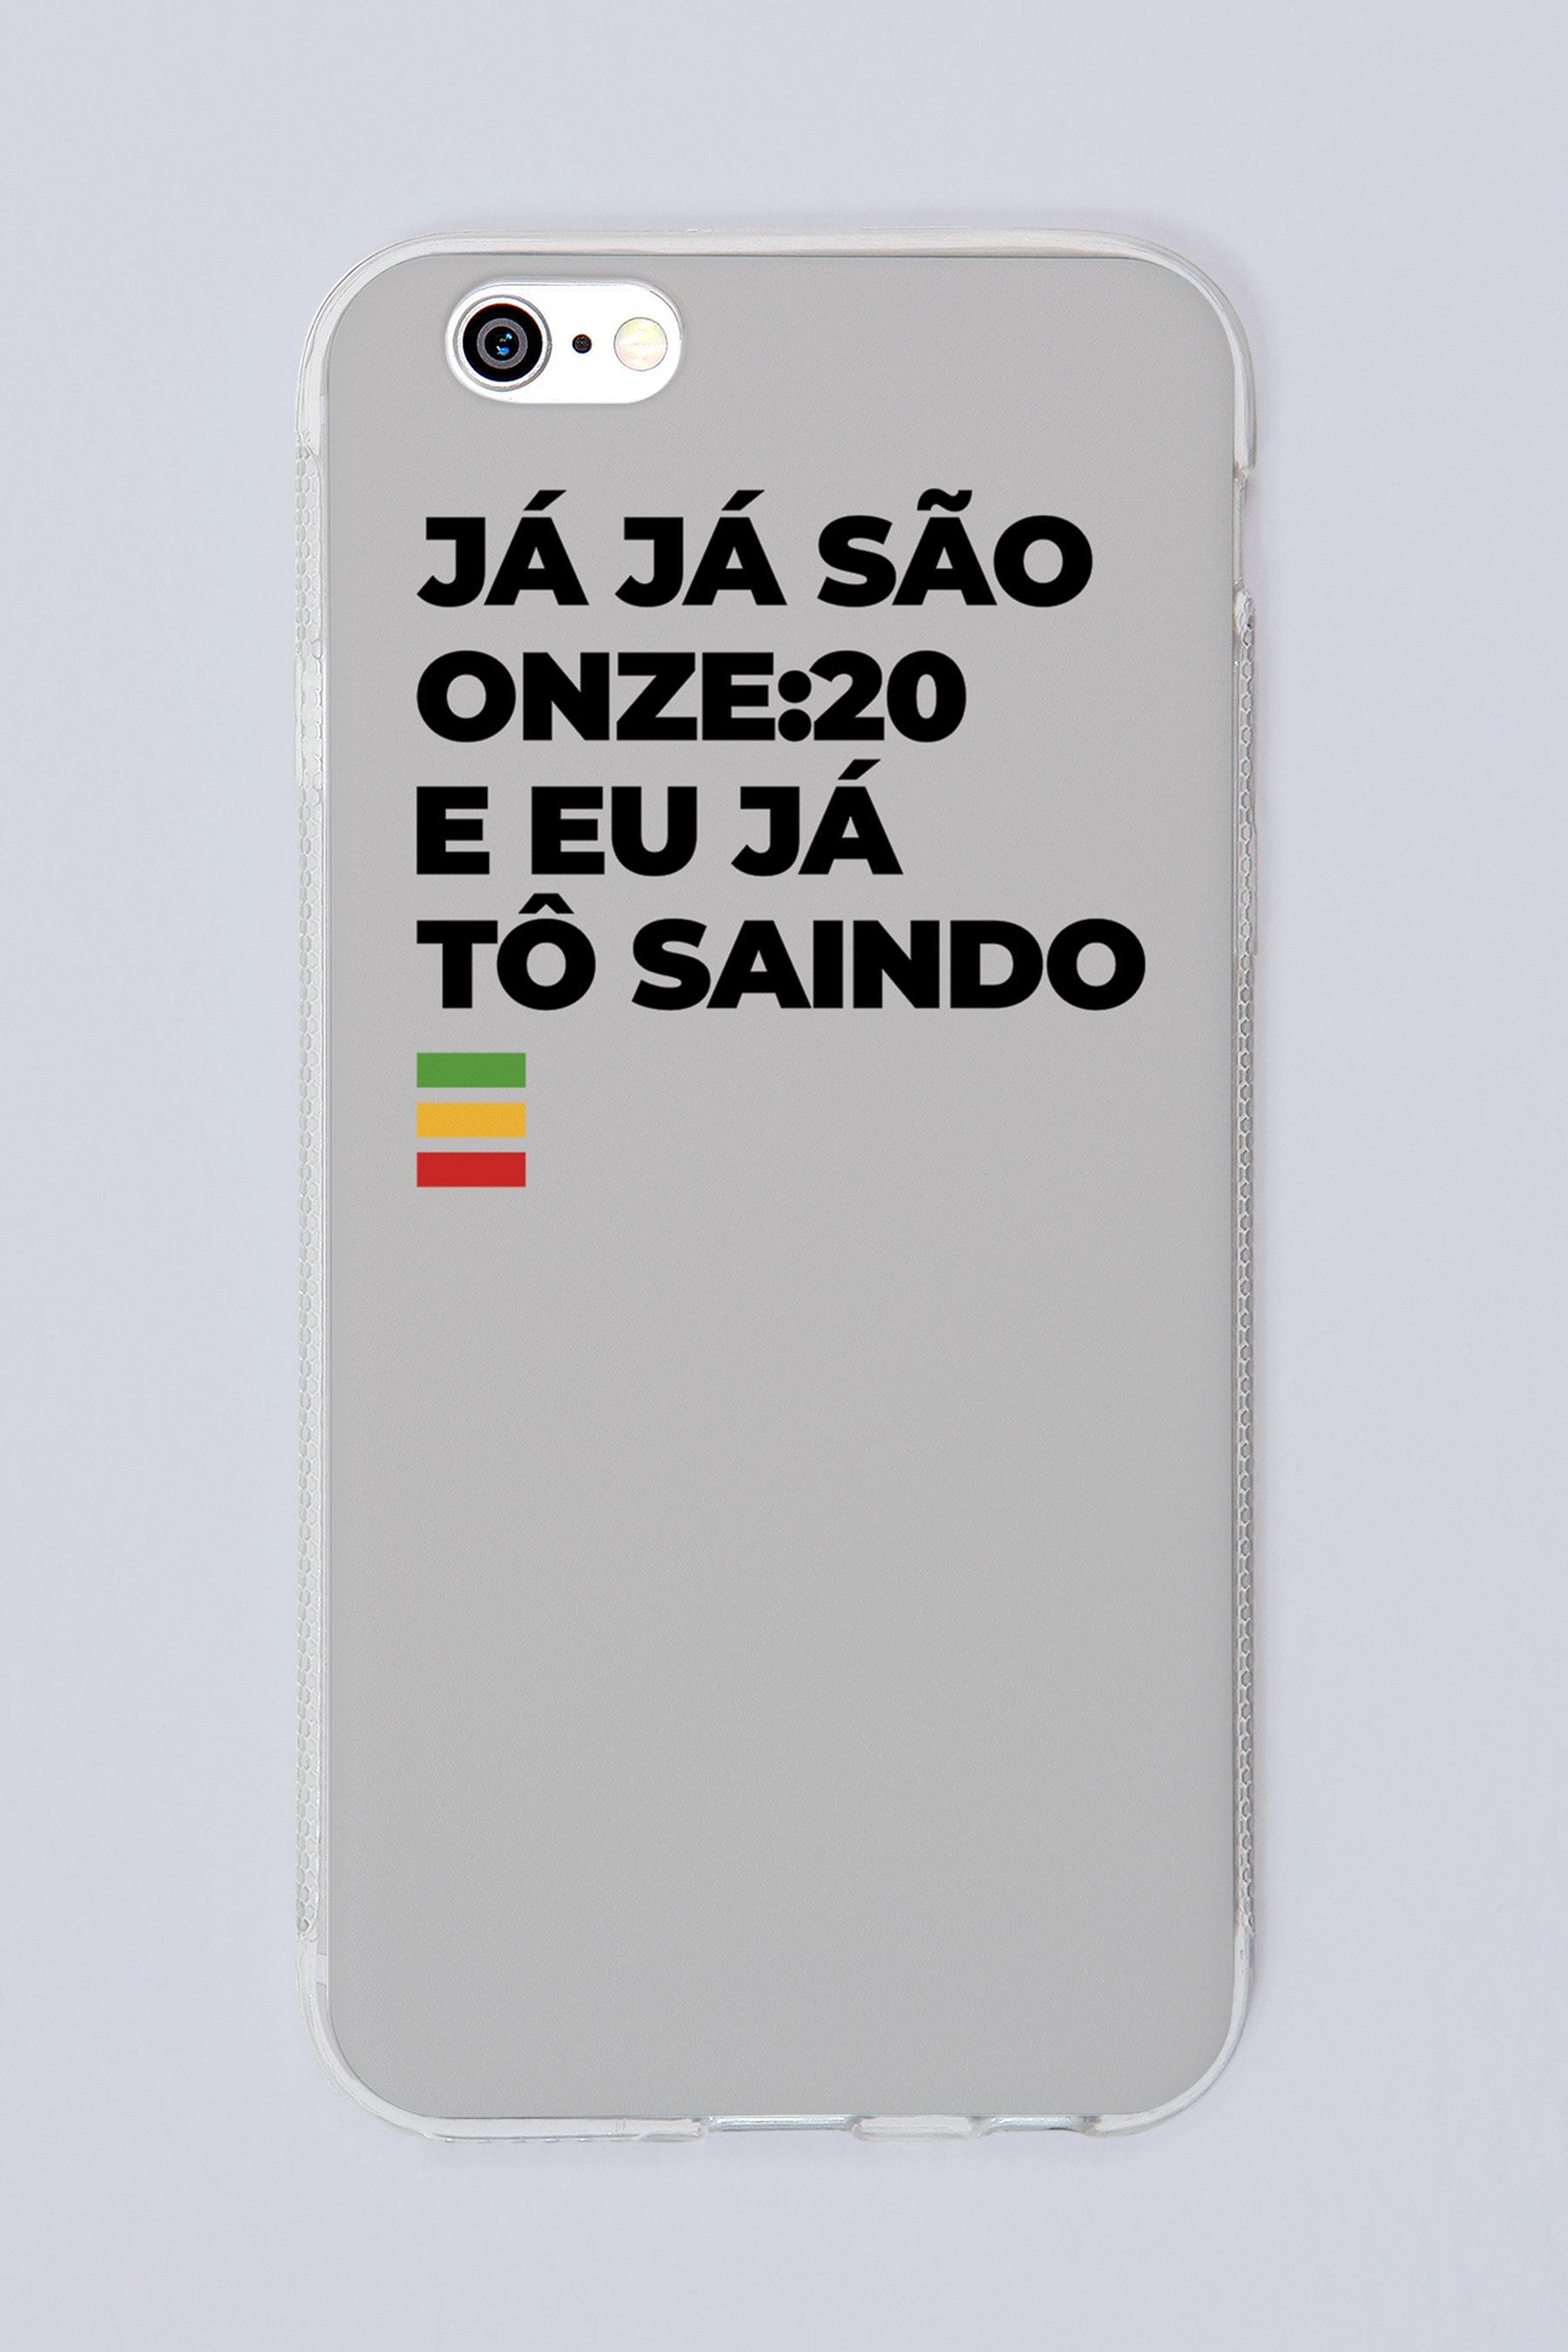 Capa Já São Onze:20